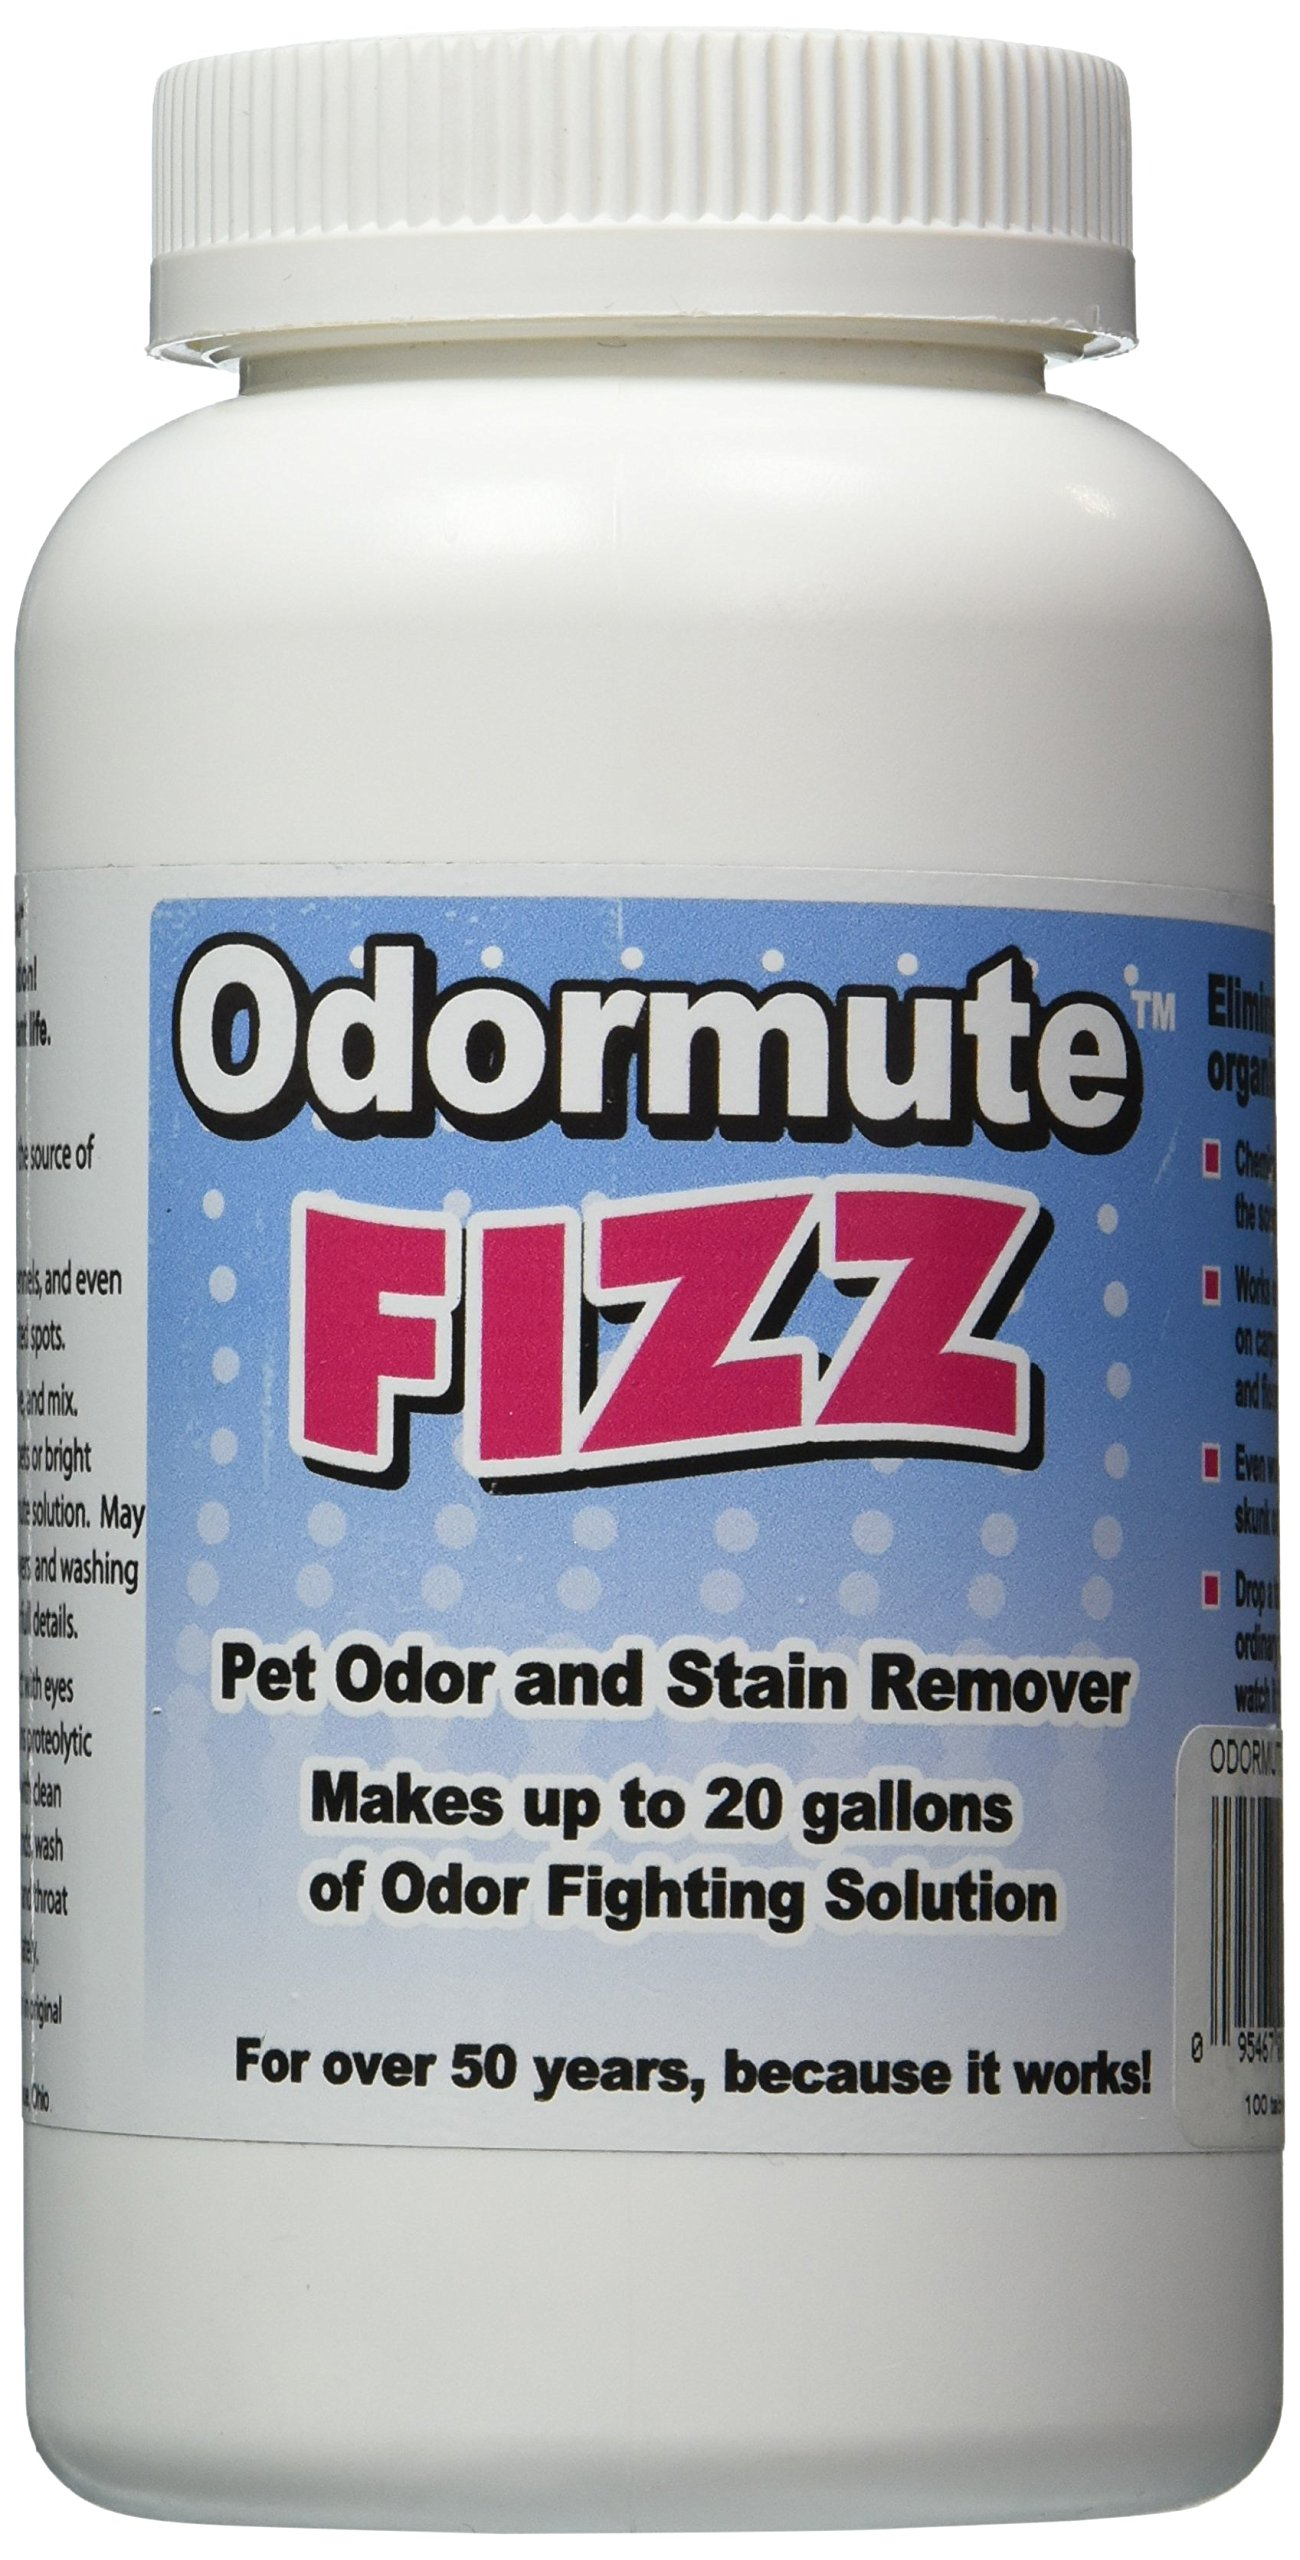 Hueter Toledo Odormute Fizz! 100 Bottle, 20 gal